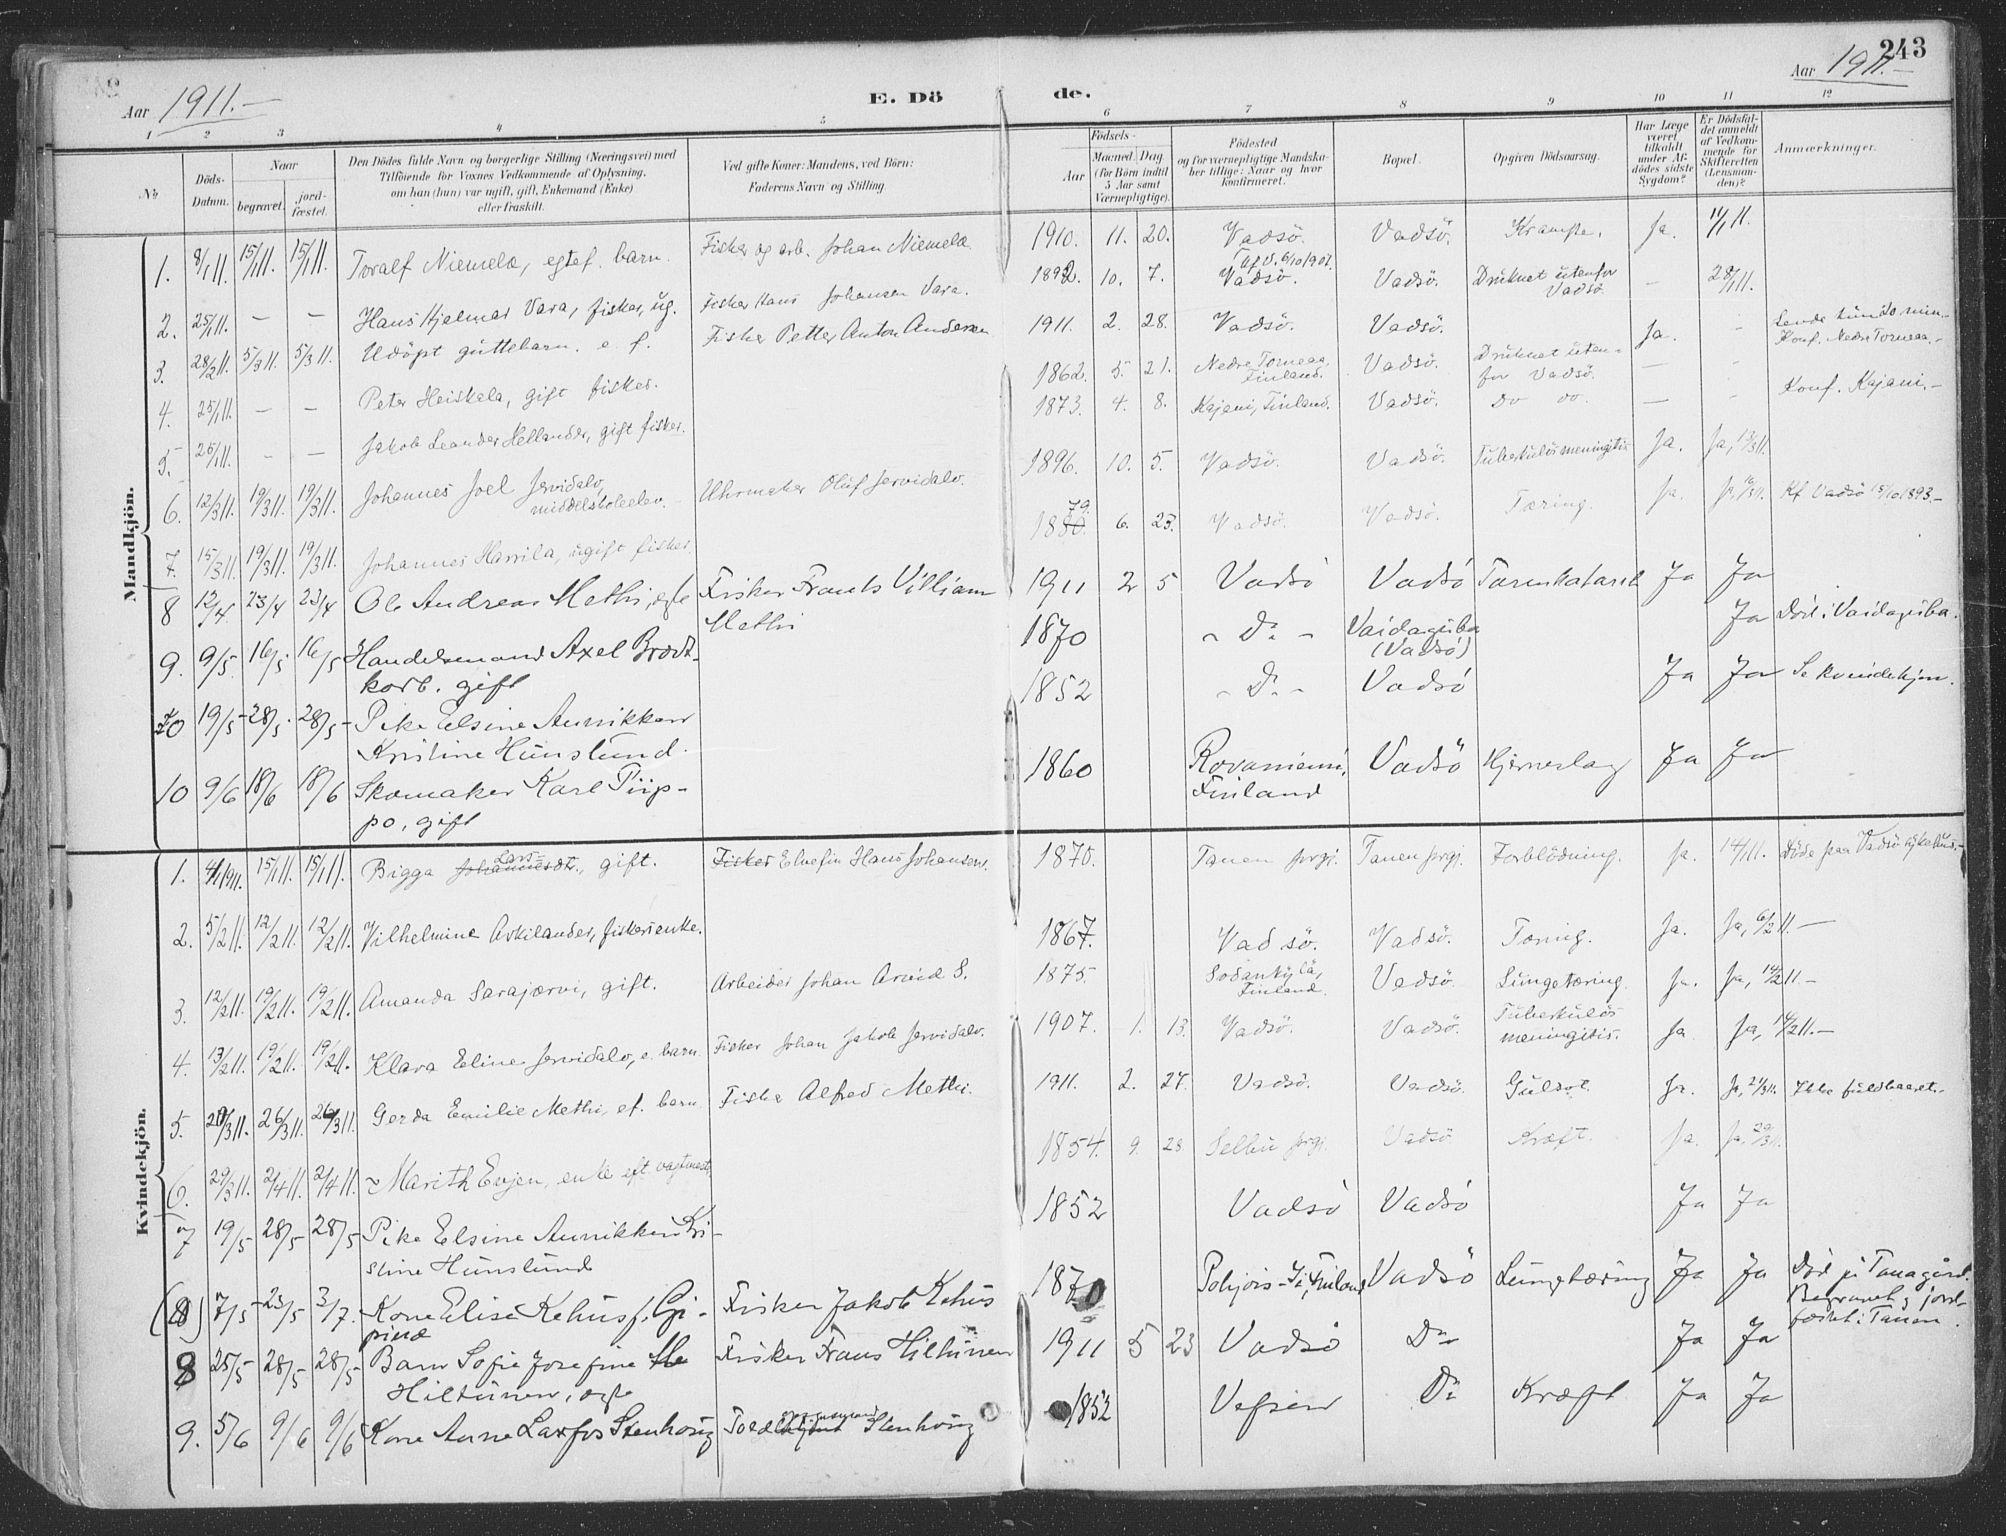 SATØ, Vadsø sokneprestkontor, H/Ha/L0007kirke: Ministerialbok nr. 7, 1896-1916, s. 243